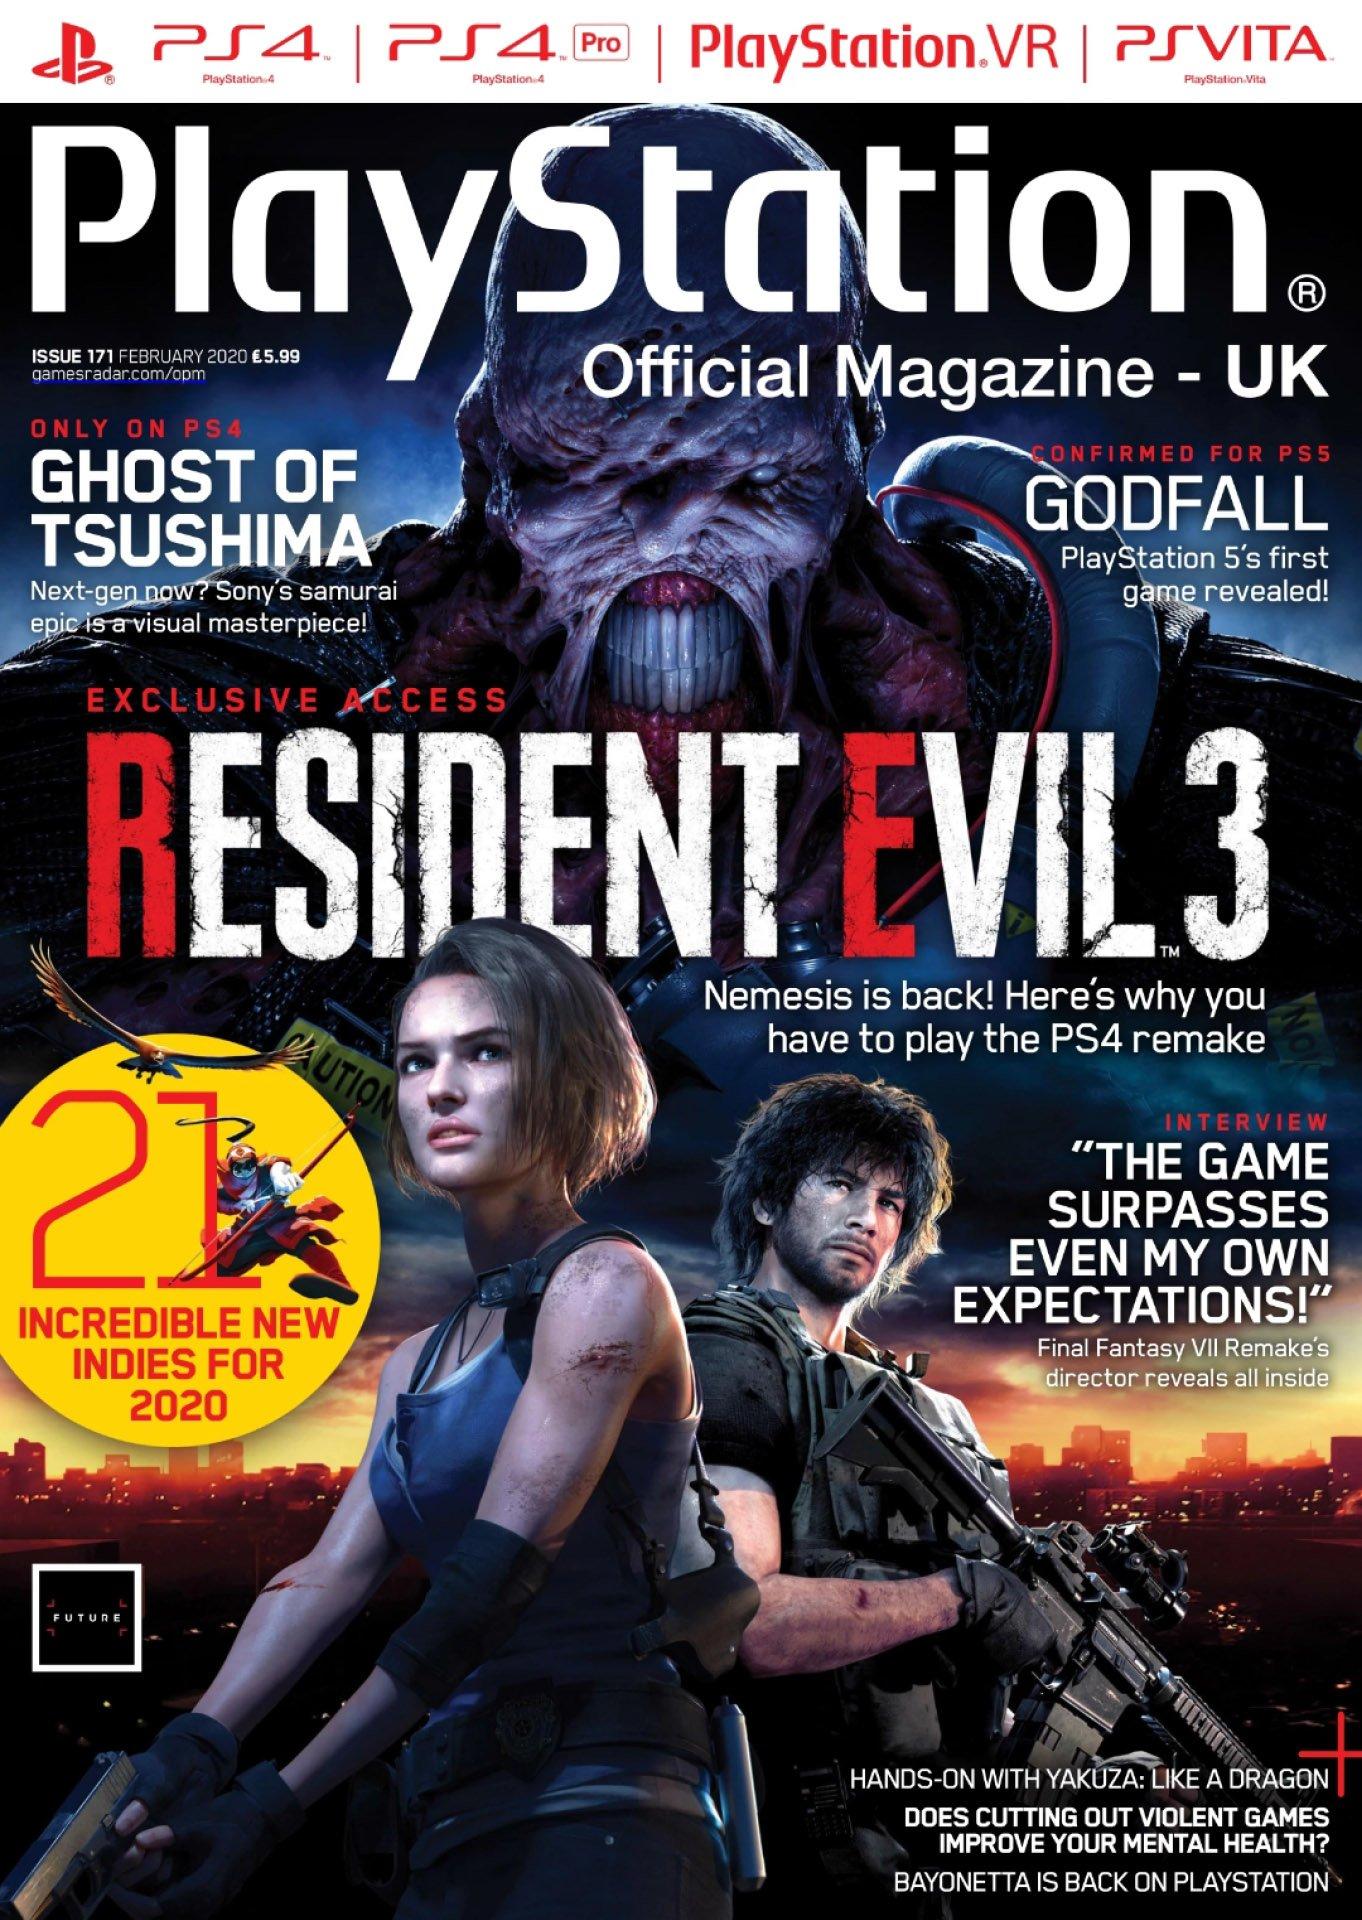 Playstation Official Magazine UK 171 (February 2020)